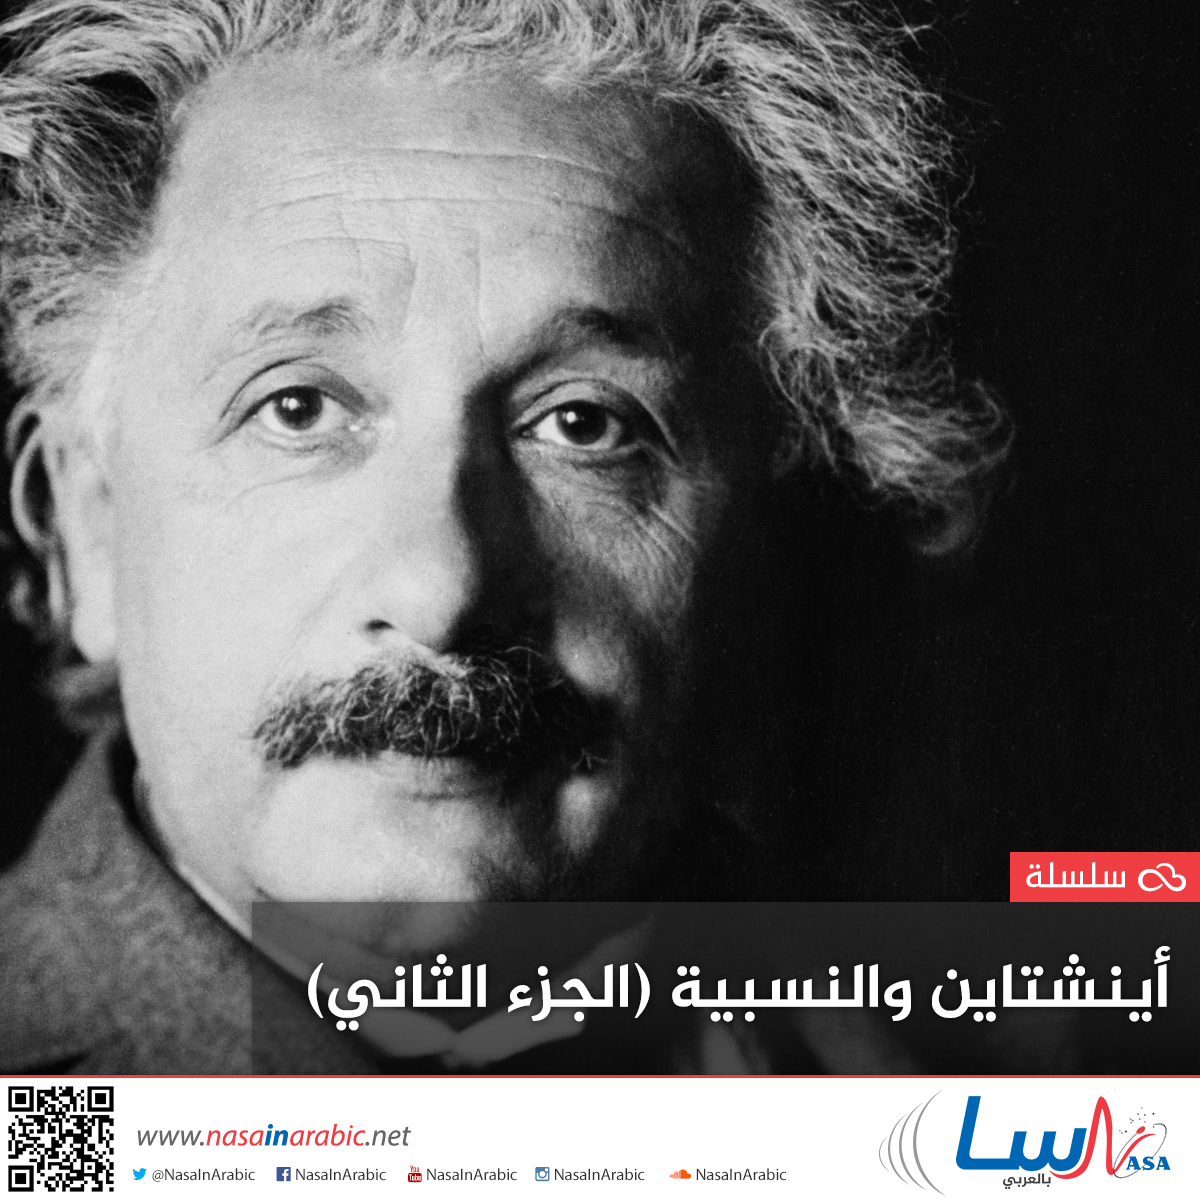 أينشتاين والنسبية: الجزء الثاني